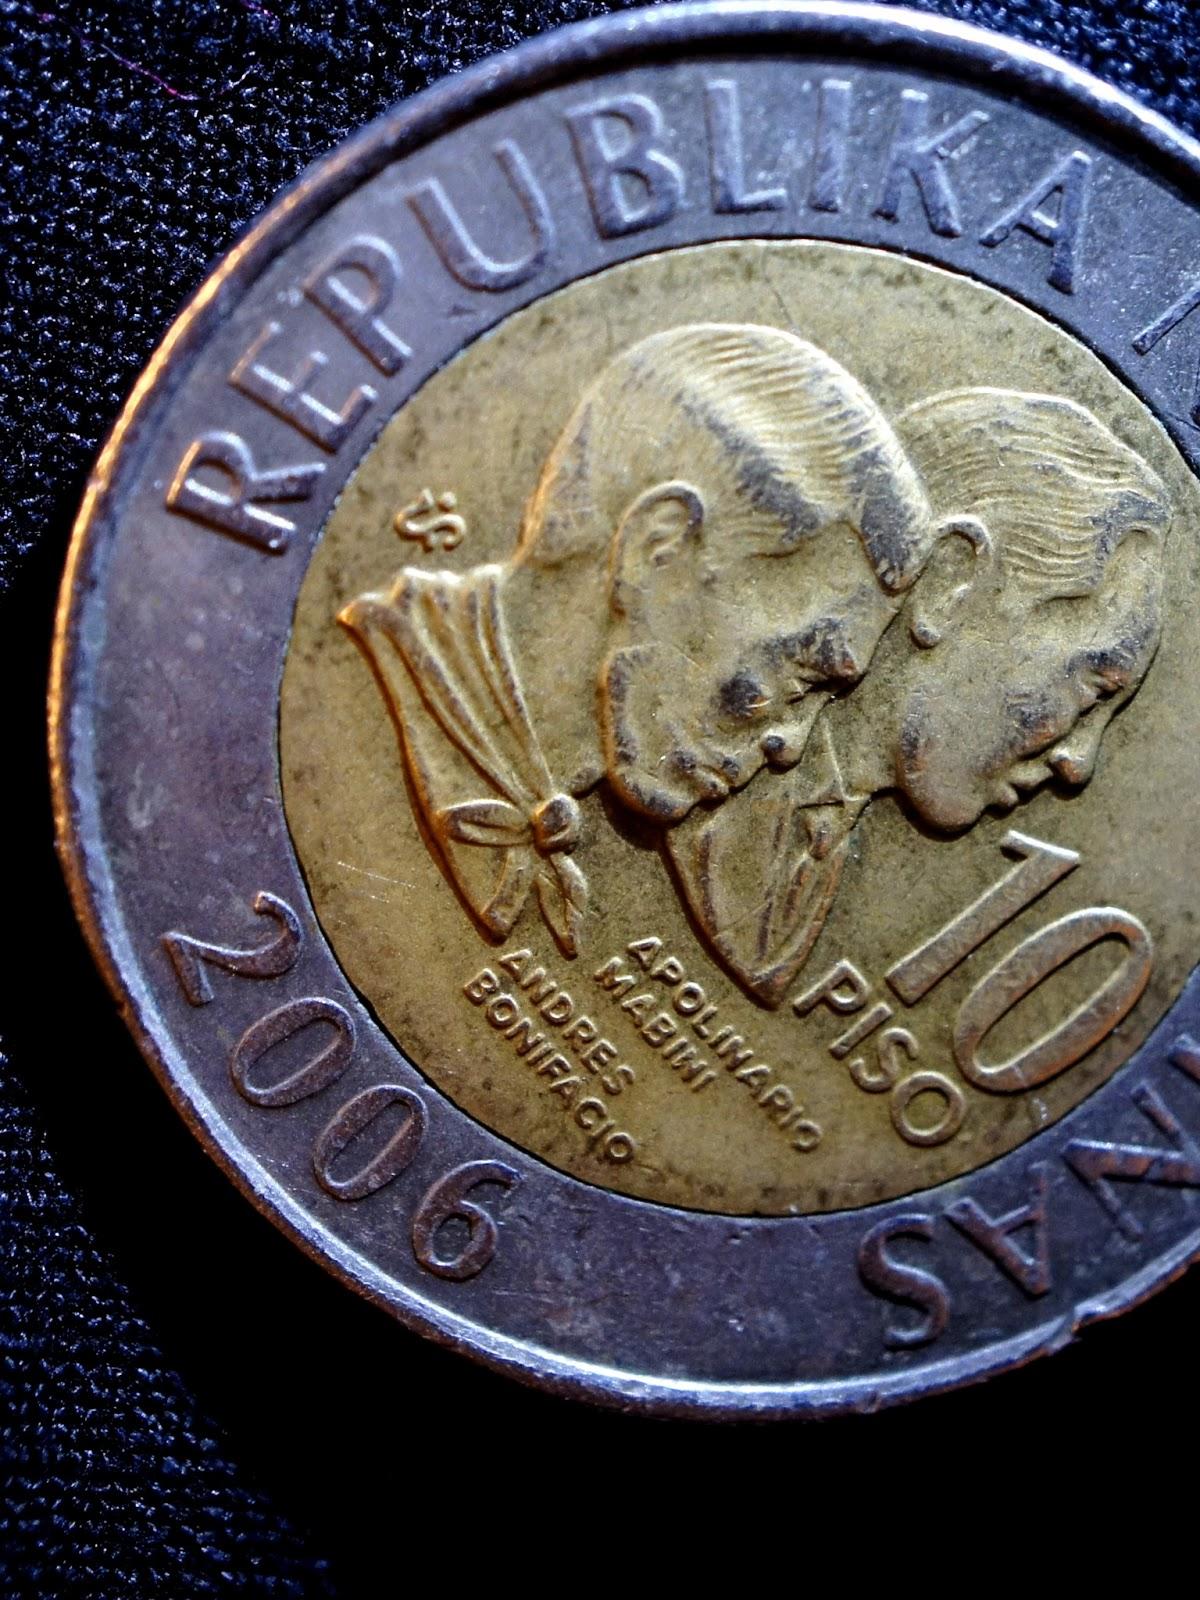 Philippine 10 peso coin